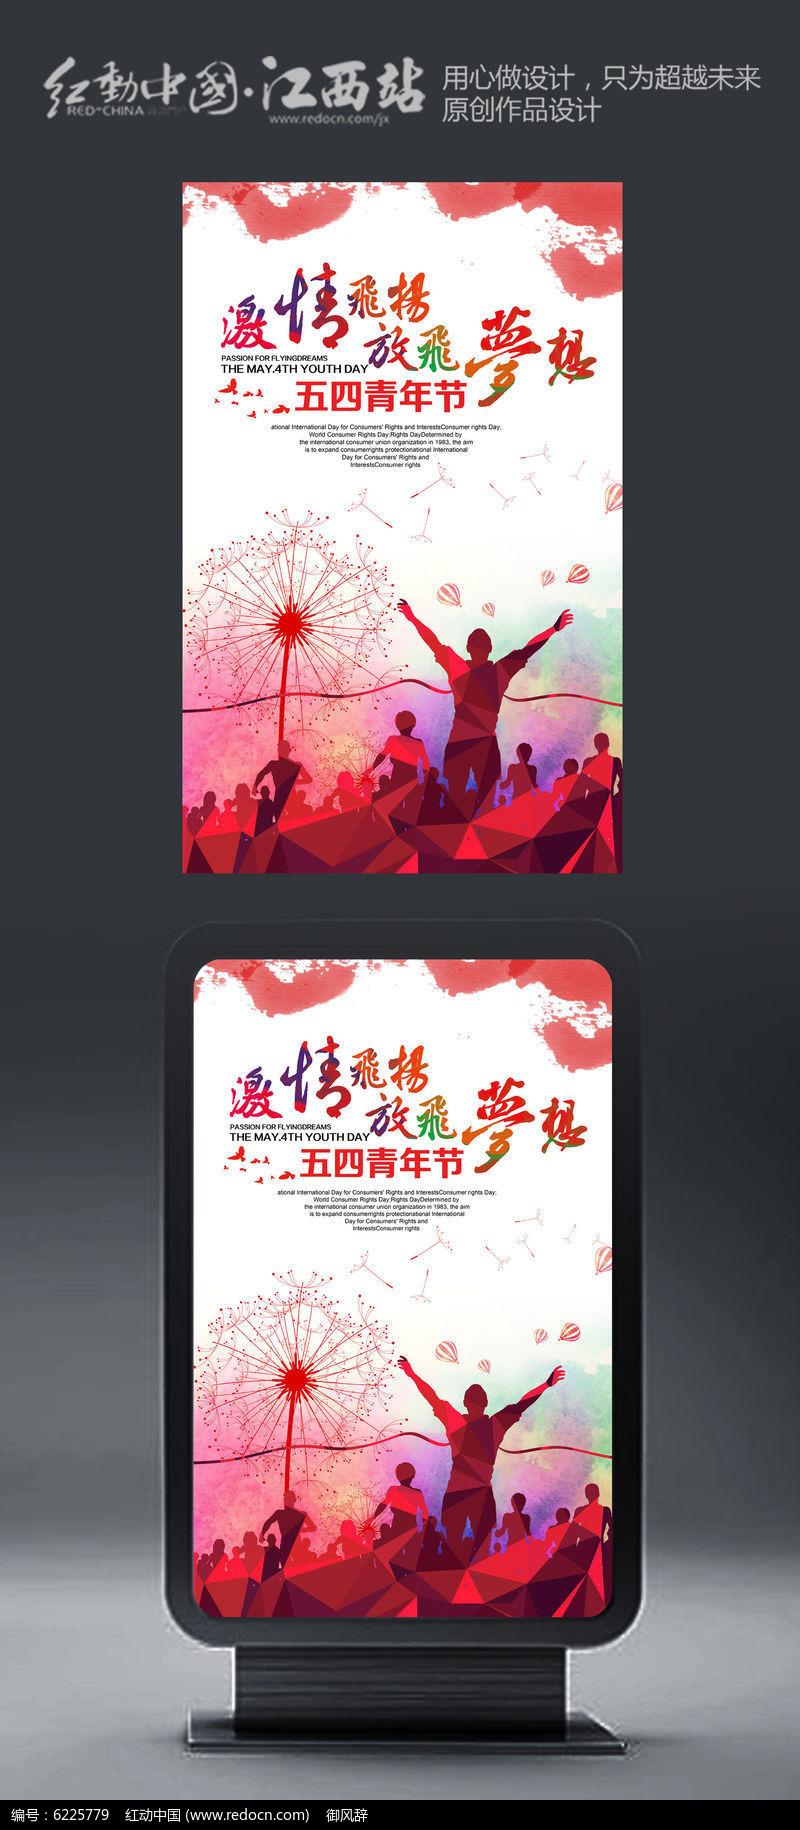 五四青年节创意海报图片